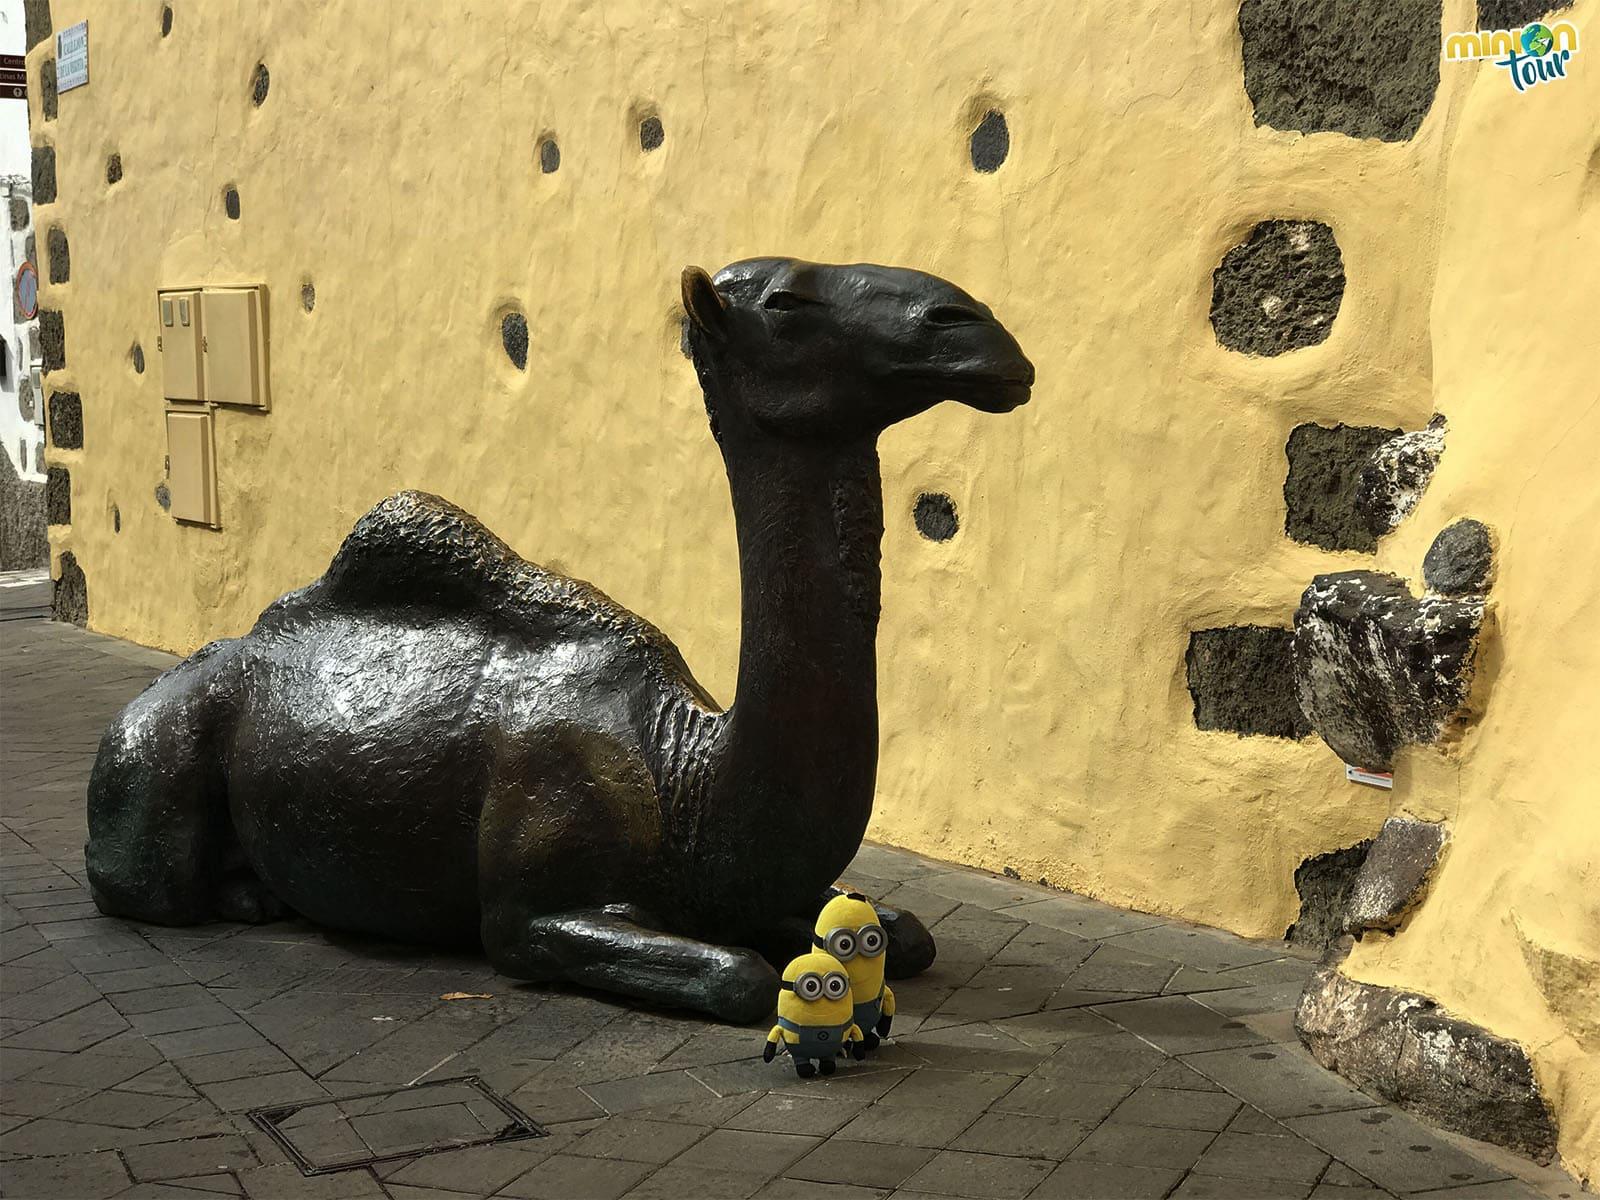 Un camello en las calles de Agüimes